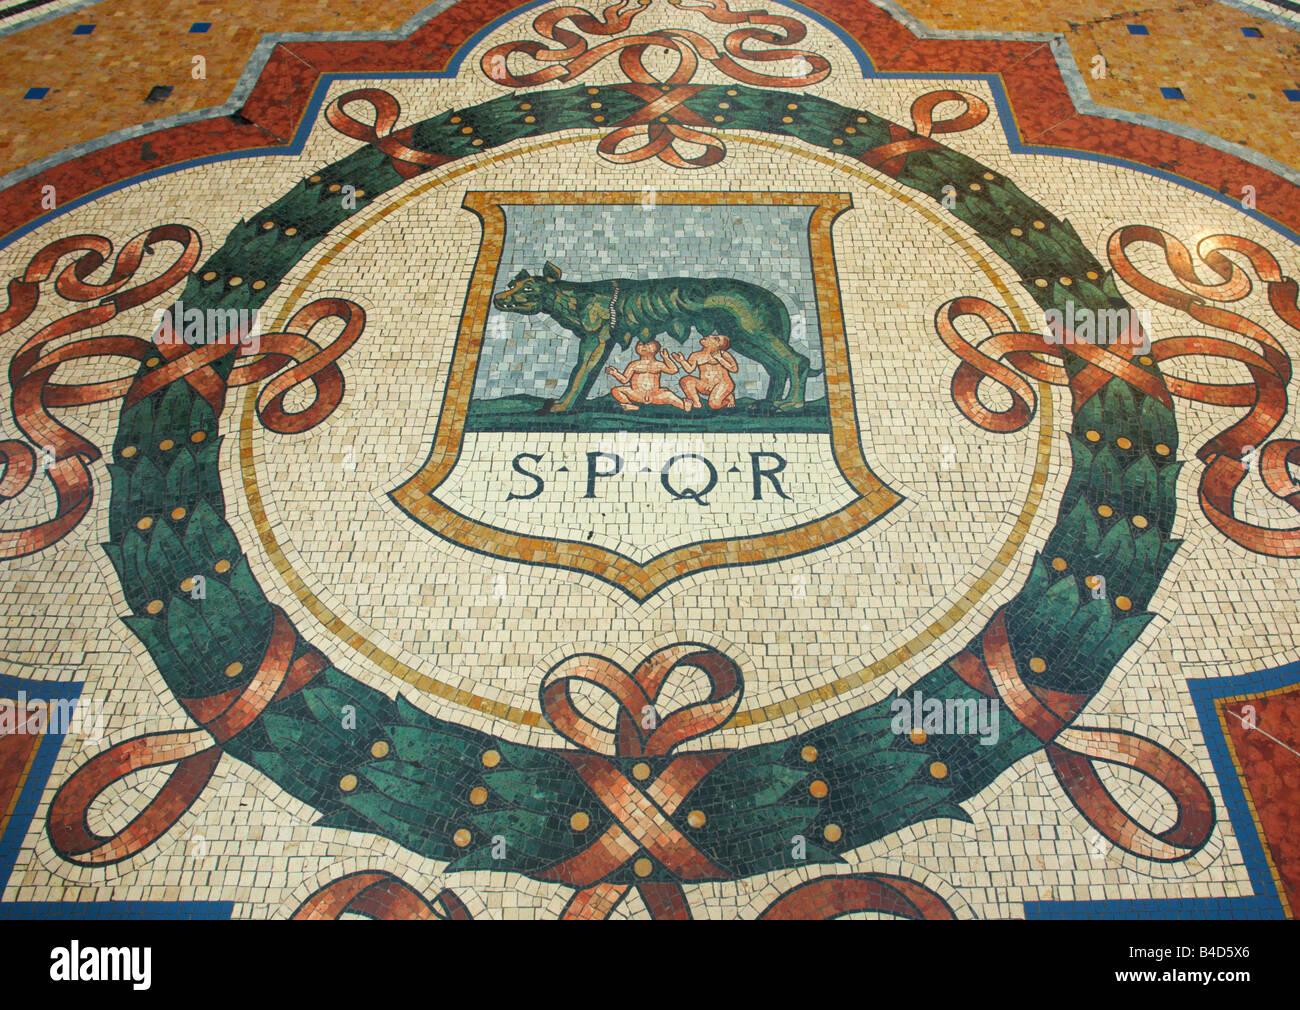 Romulus and Remus mosaic in Galleria Vittorio Emanuele II Milan Italy - Stock Image